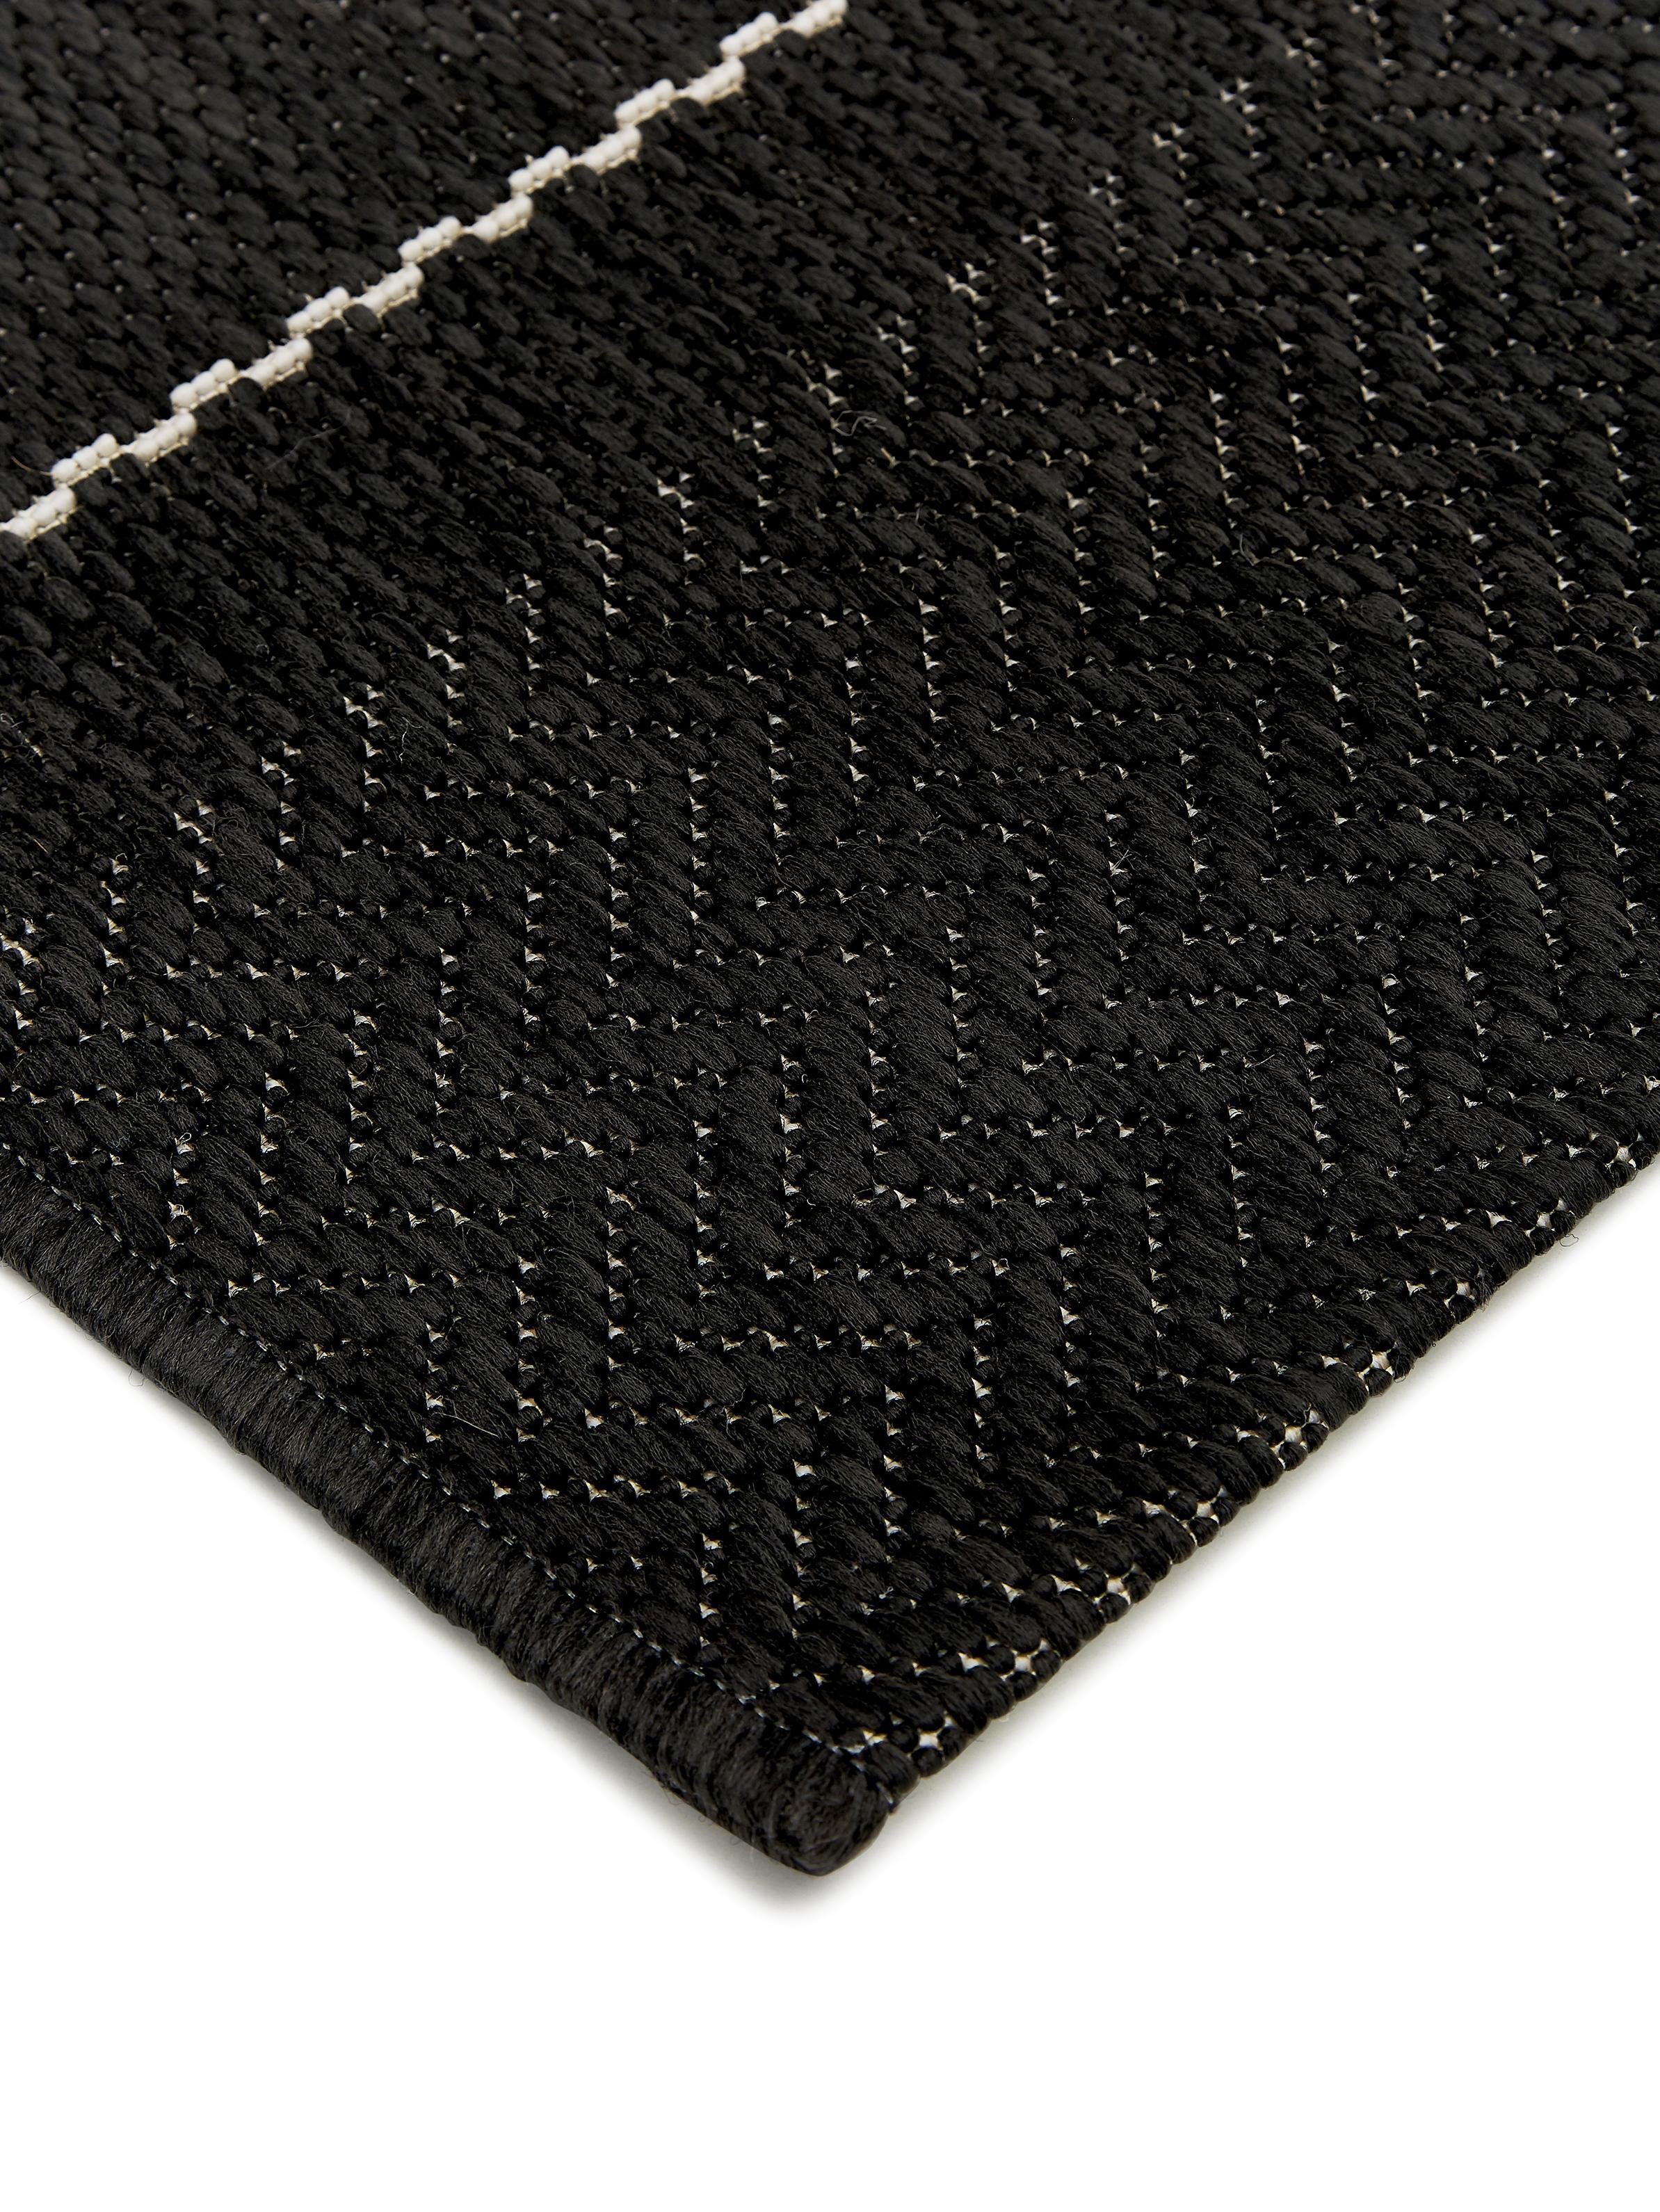 Alfombra Fürth I - negro, 200 X 80cm, Negro, crema, An 80 x L 200 cm